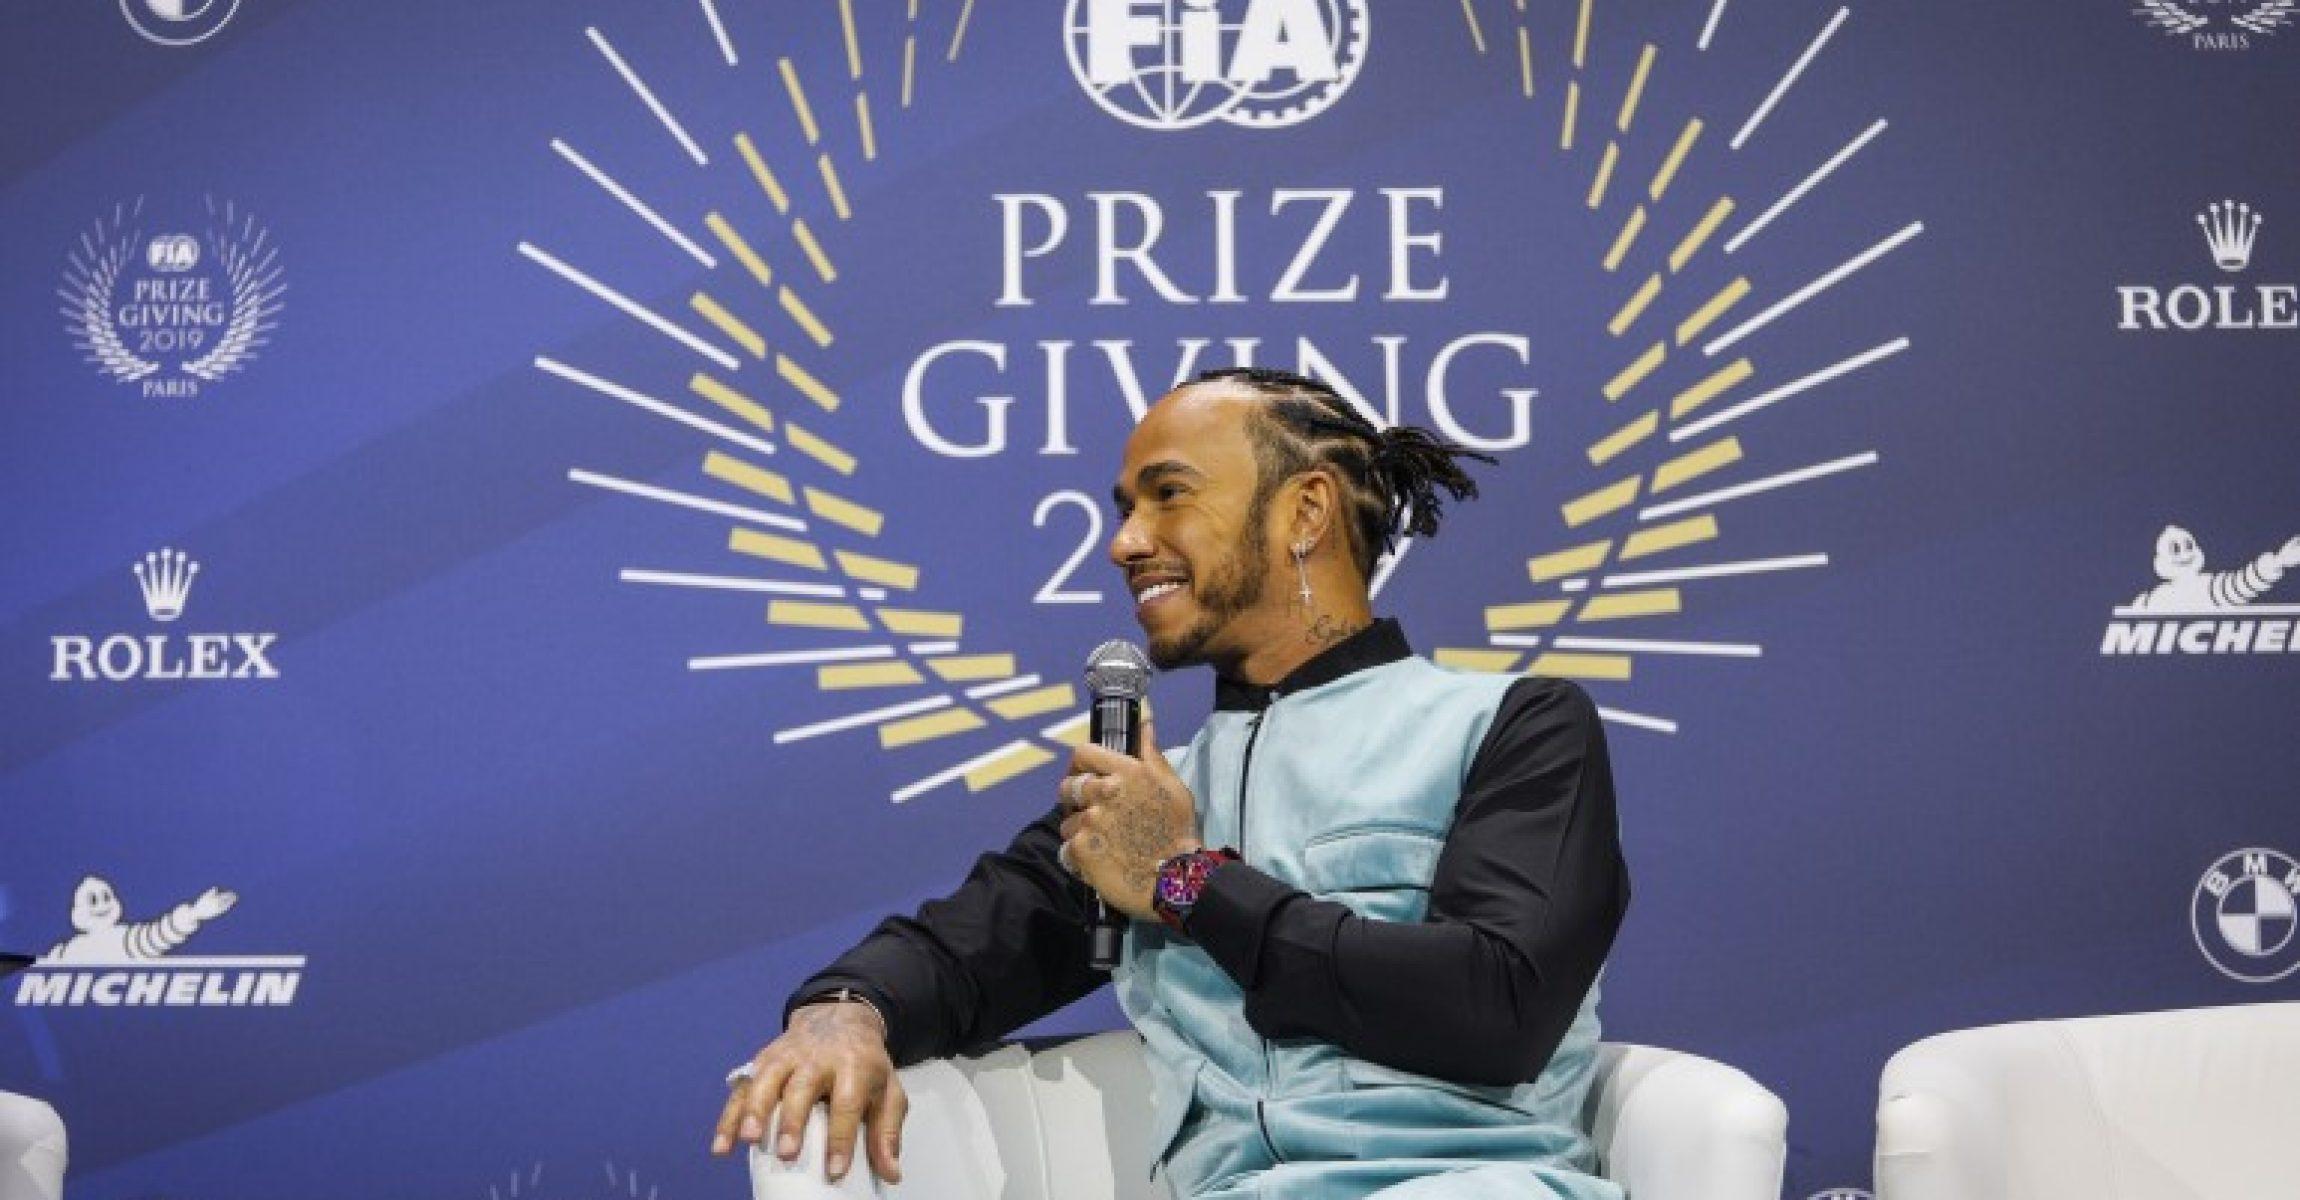 Lewis Hamilton, Paris, FIA Prize Giving Gala 2019